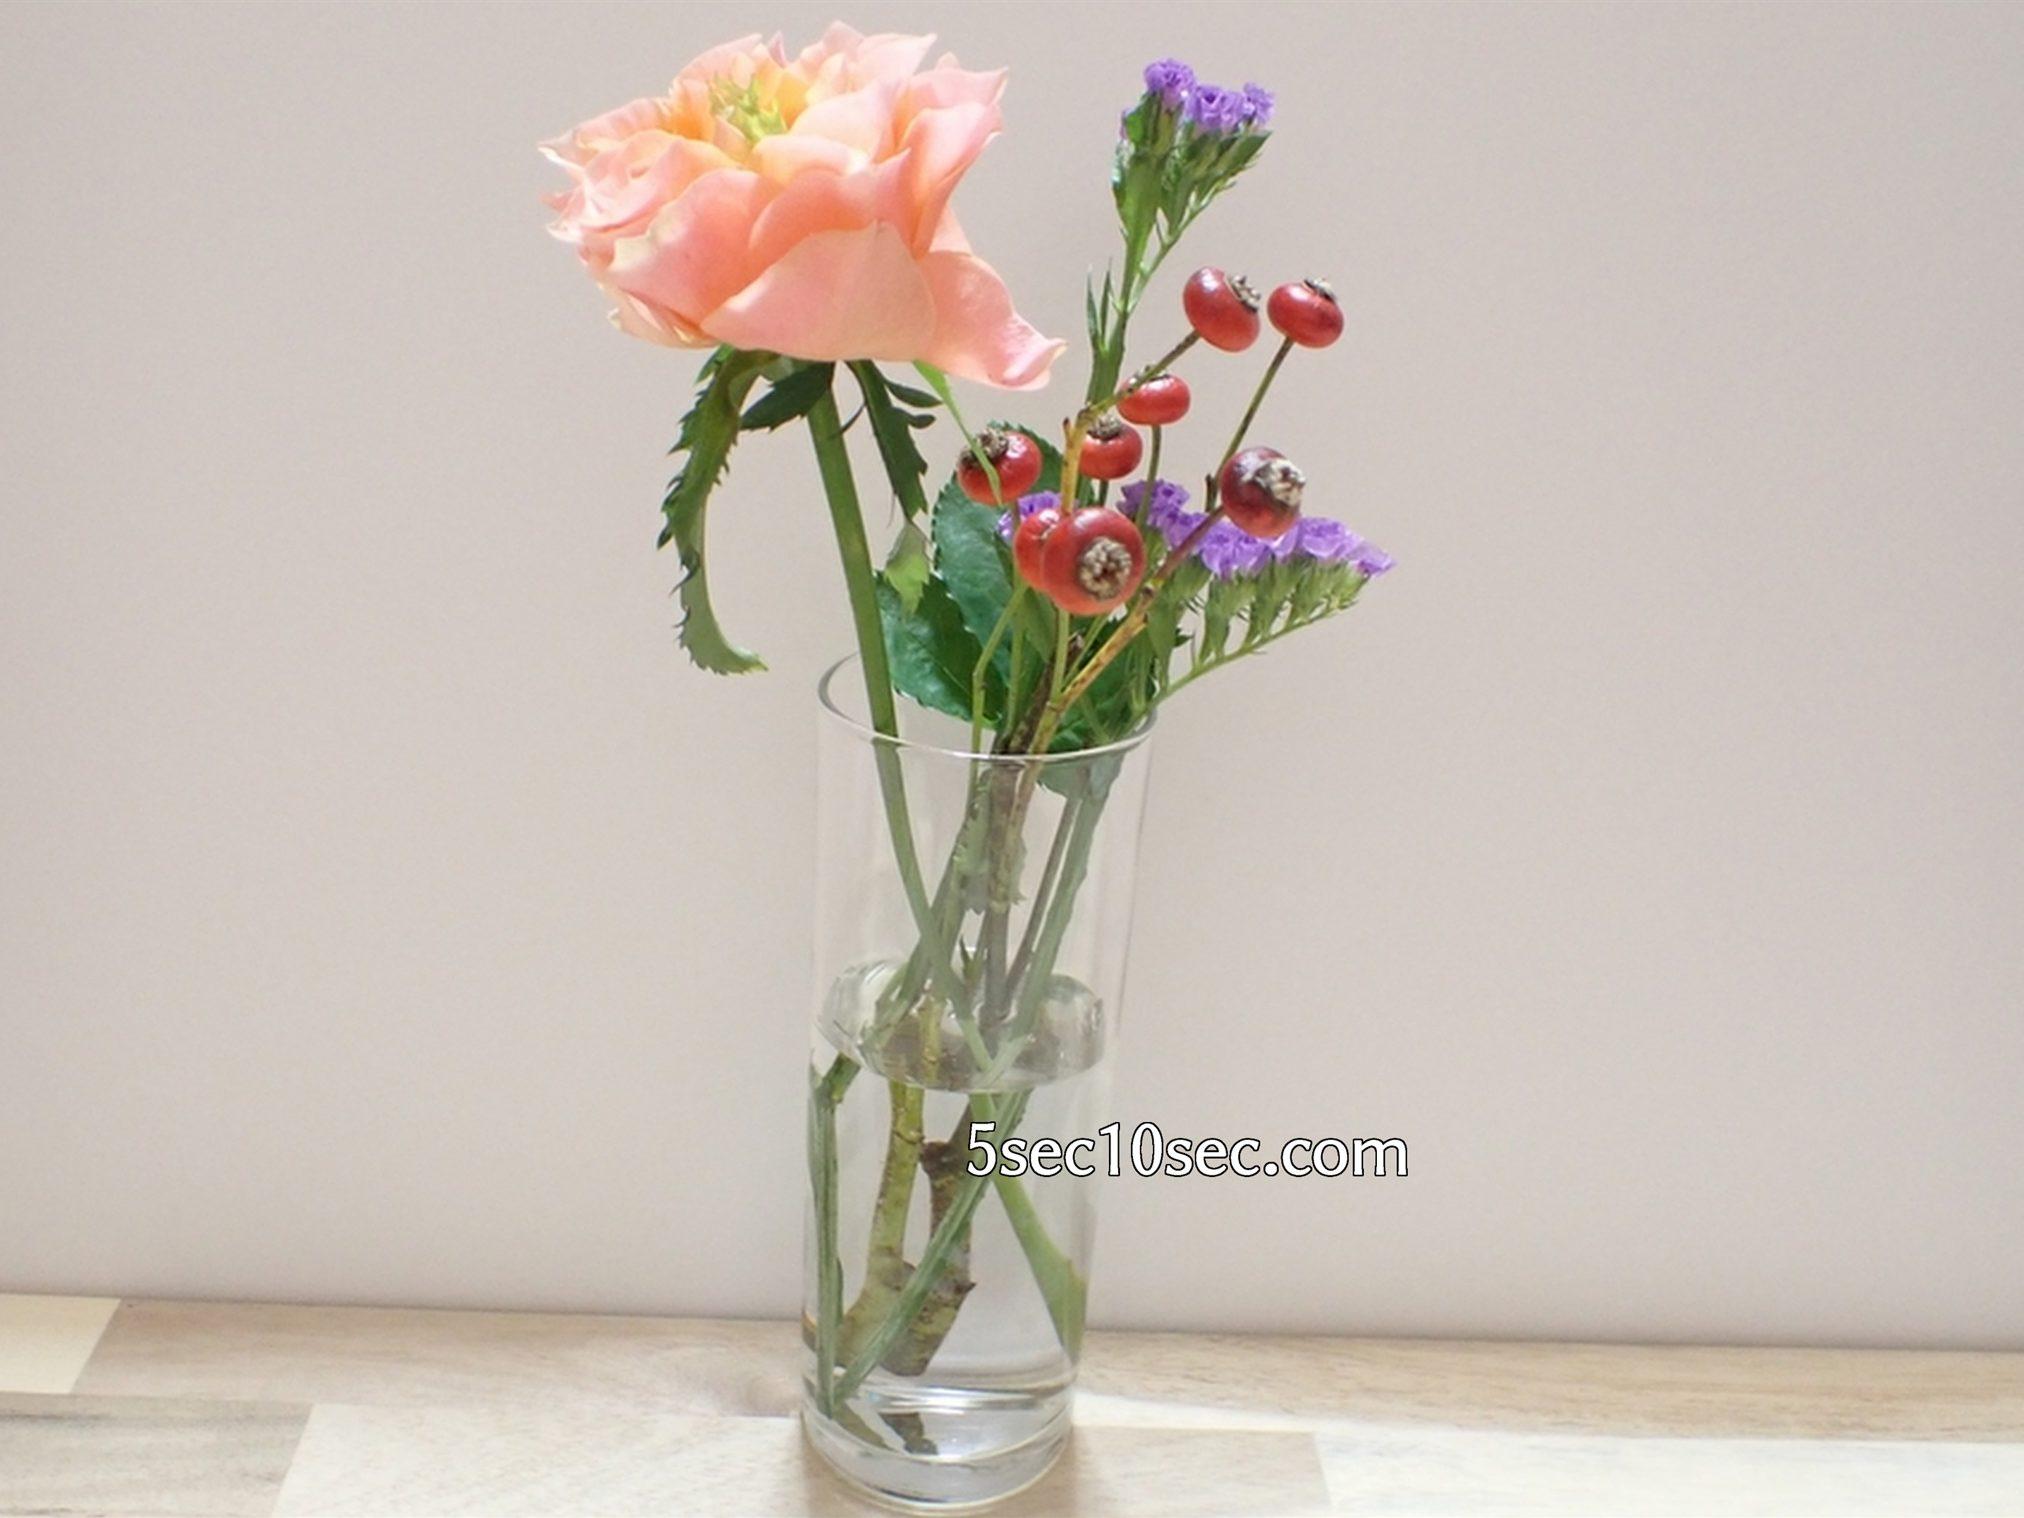 株式会社Crunch Style お花の定期便 Bloomee LIFE ブルーミーライフ 500円(税別・送料別)の体験プラン  1日目、初日、届いた日に撮った、お花の写真